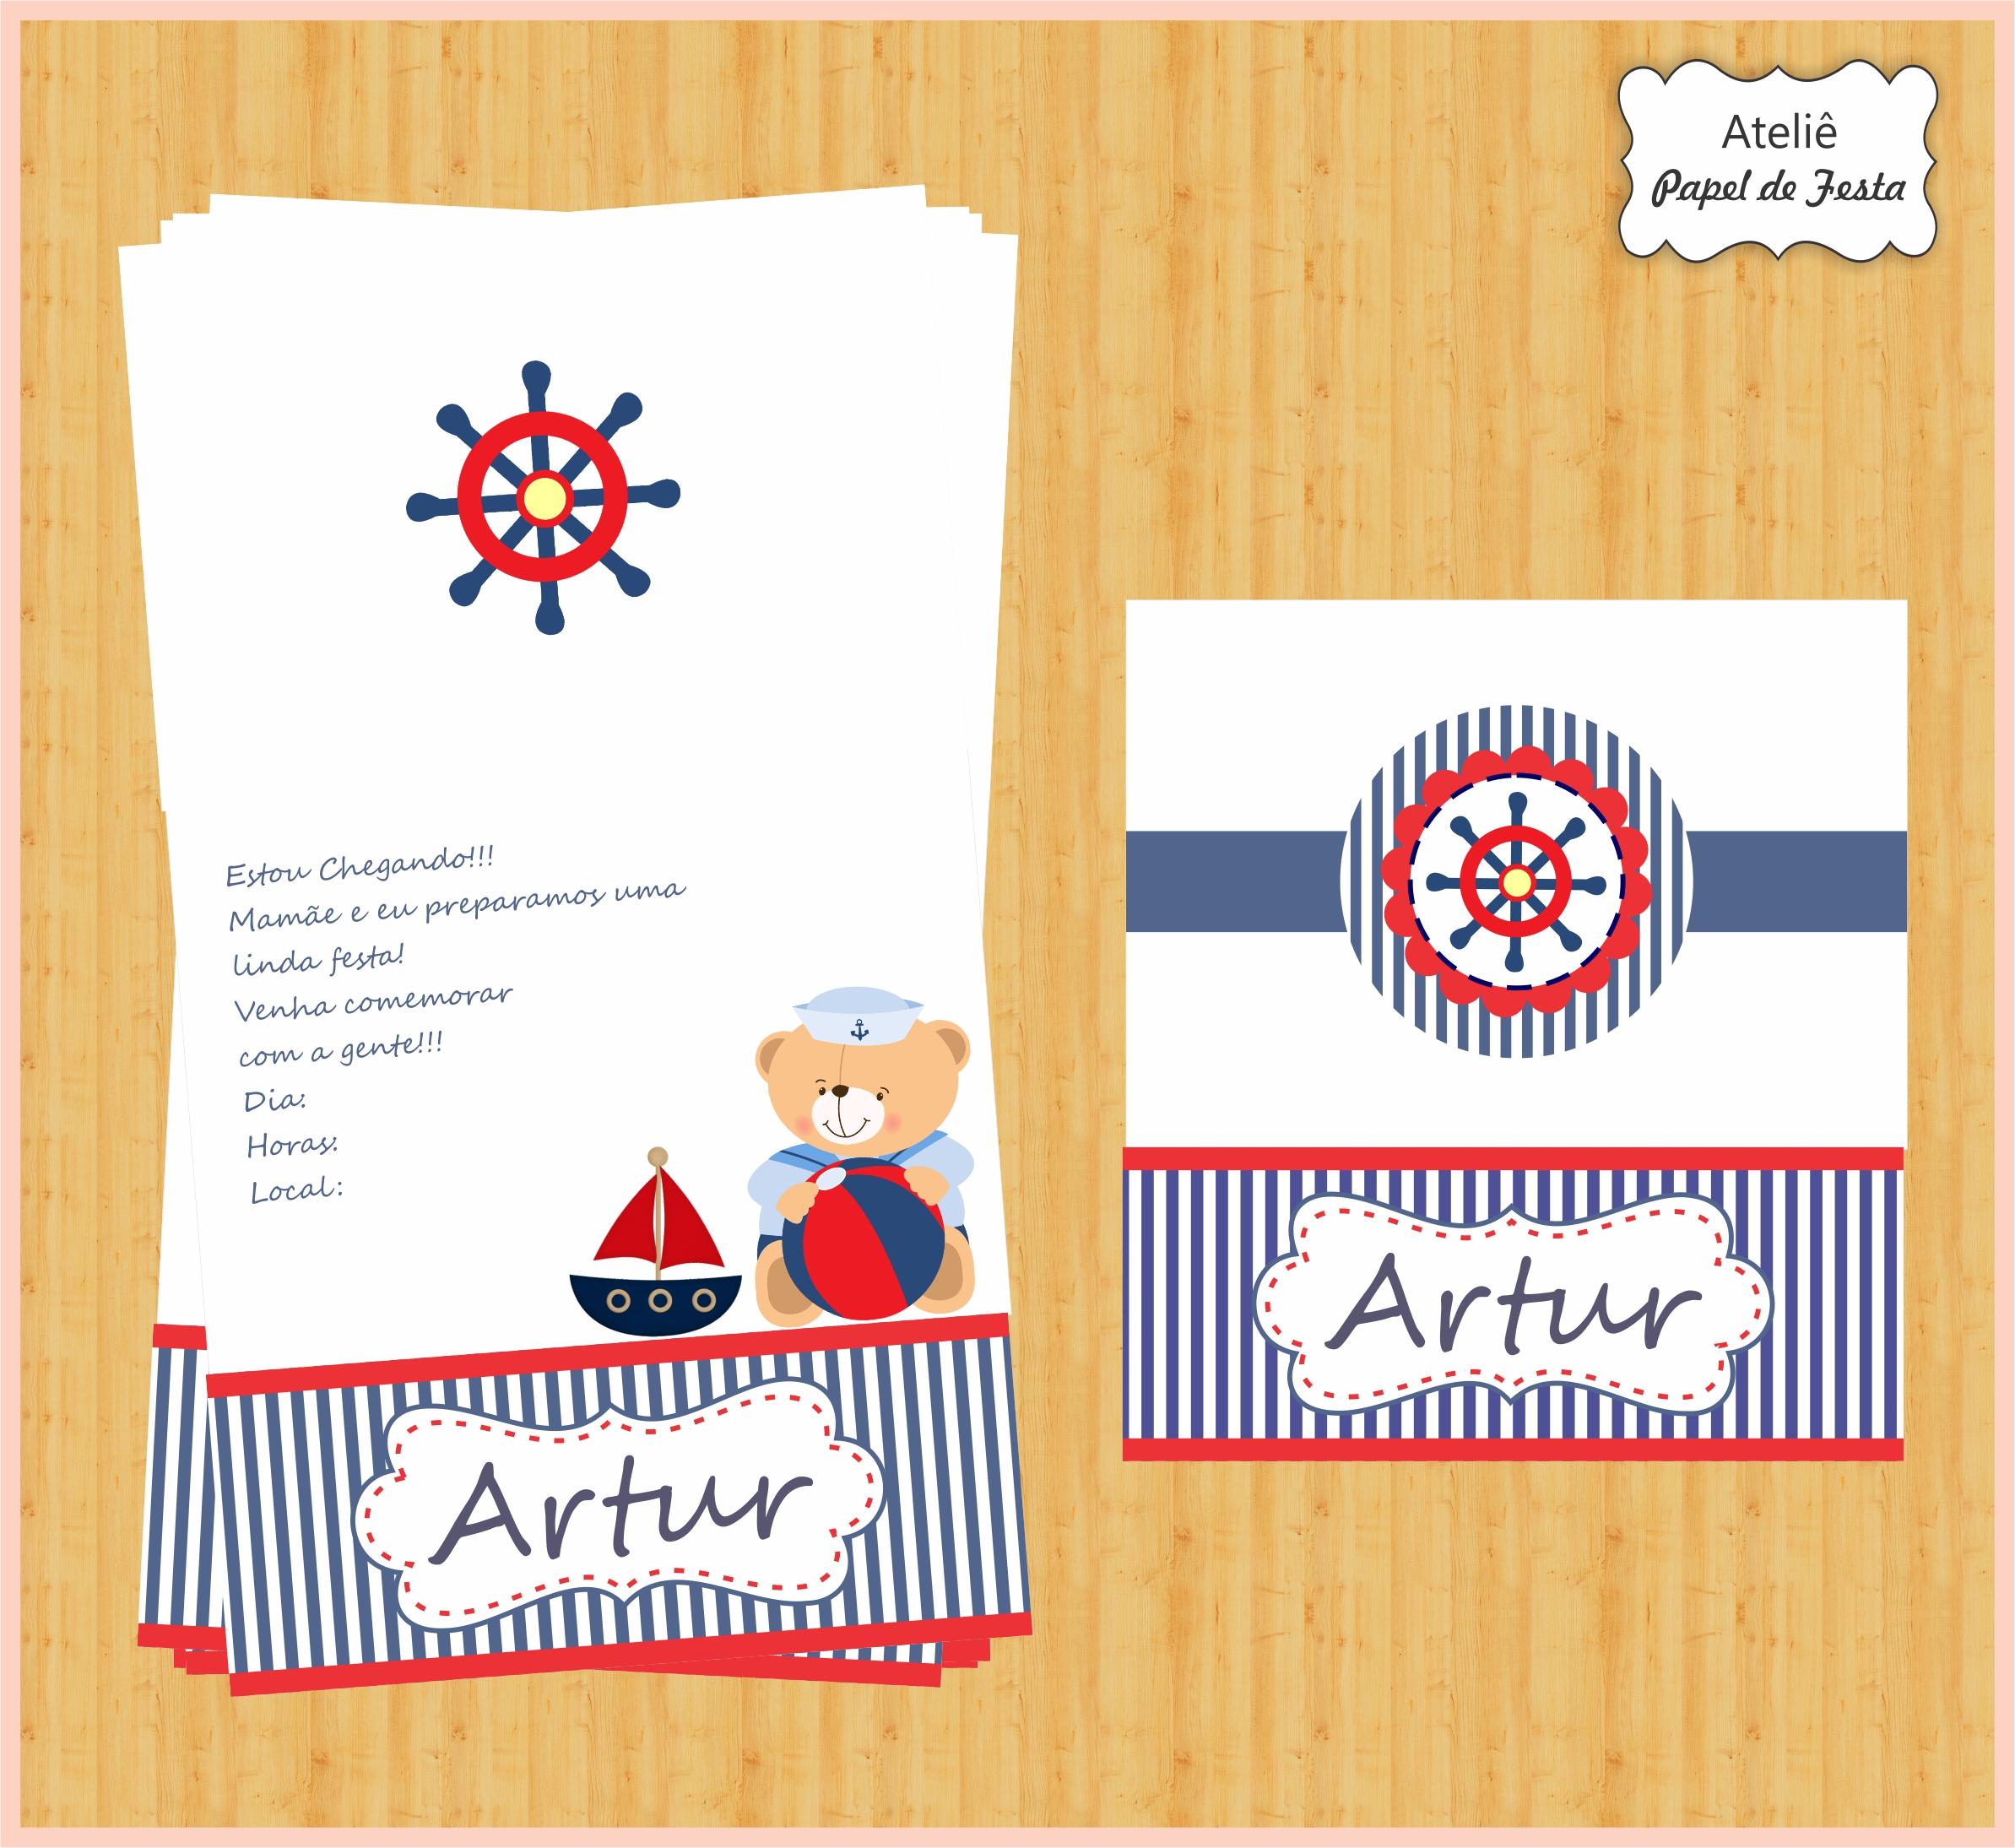 Muito Convite urso marinheiro no Elo7   Atelie Papel de Festa (56554B) RD92